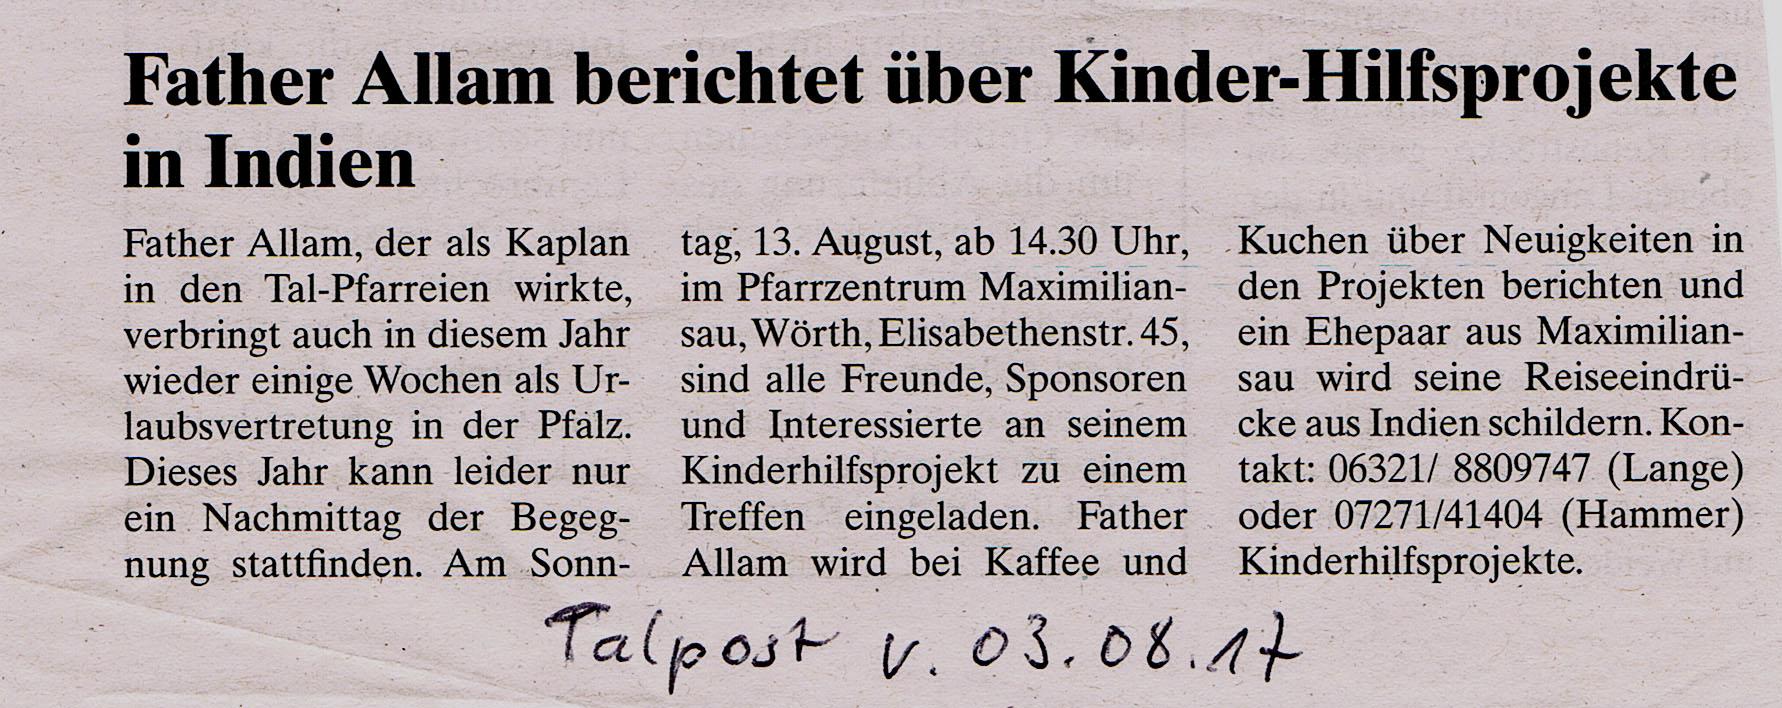 2017.08.03. Talpost:Treffen in Wörth